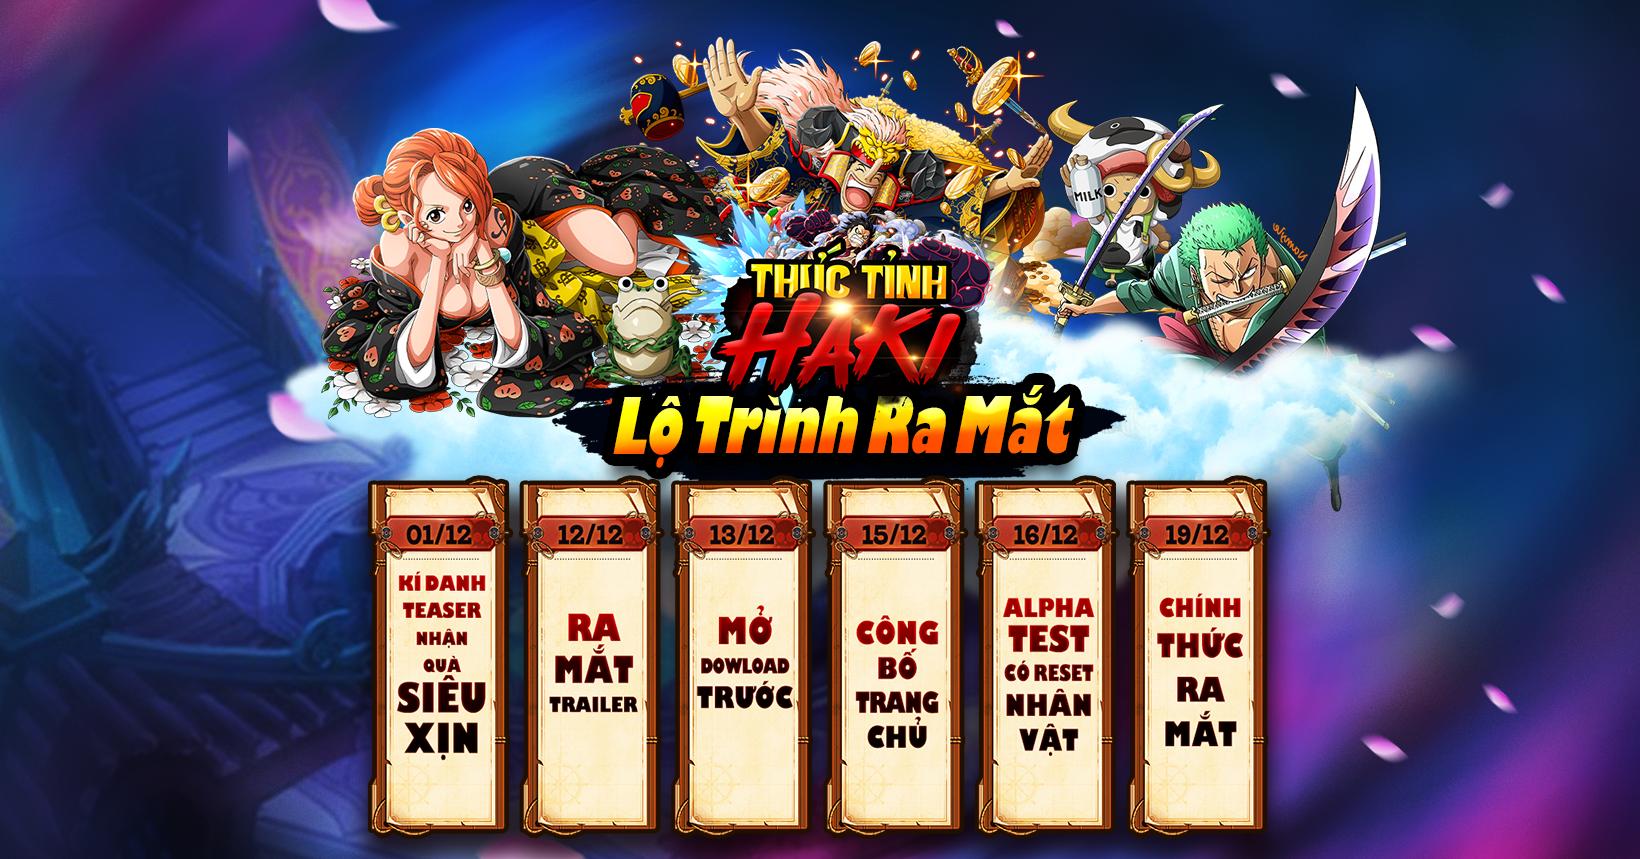 Game mobile đề tài One Piece Thức Tỉnh Haki công bố lộ trình ra mắt 0